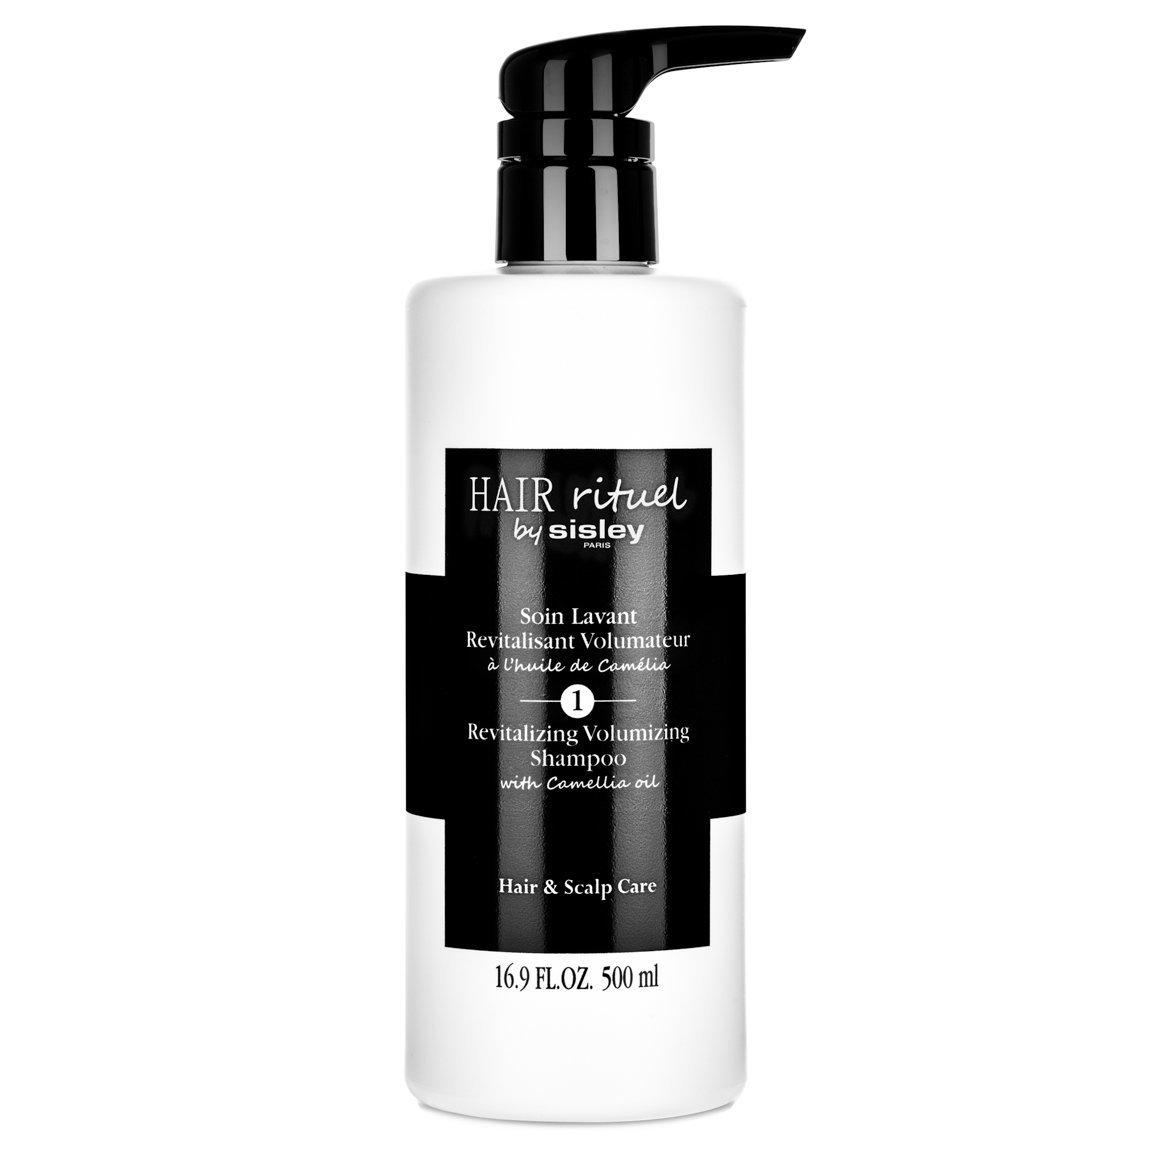 Sisley-Paris Revitalizing Volumizing Shampoo 16.9 fl oz product swatch.